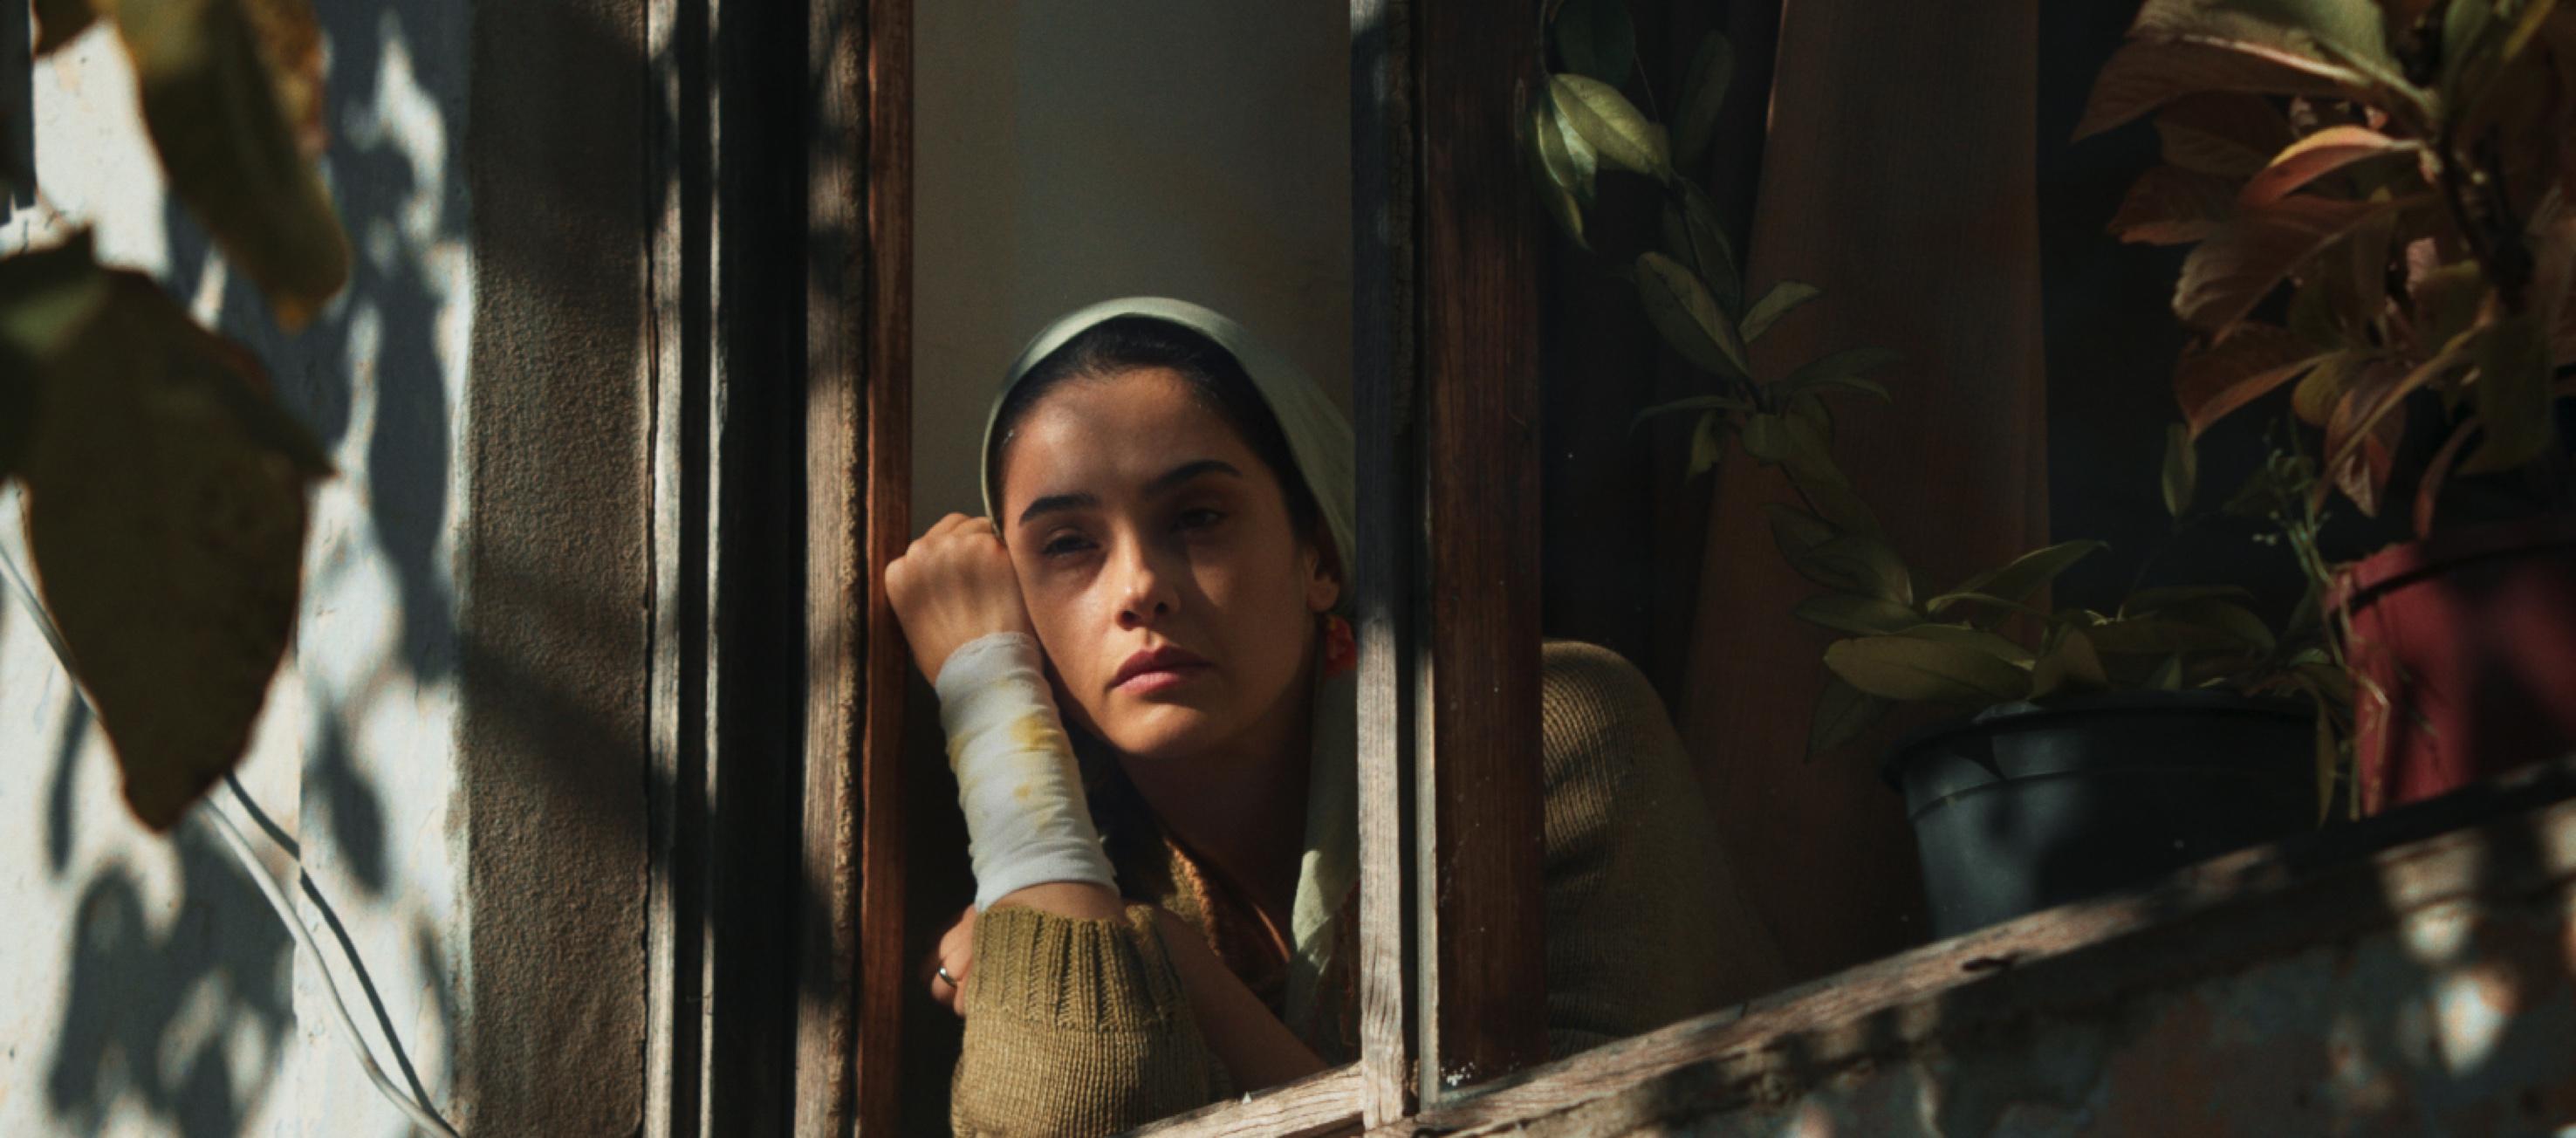 Ruhiye, kolu bandajlı bir hâlde camdan dışarı bakıyor.